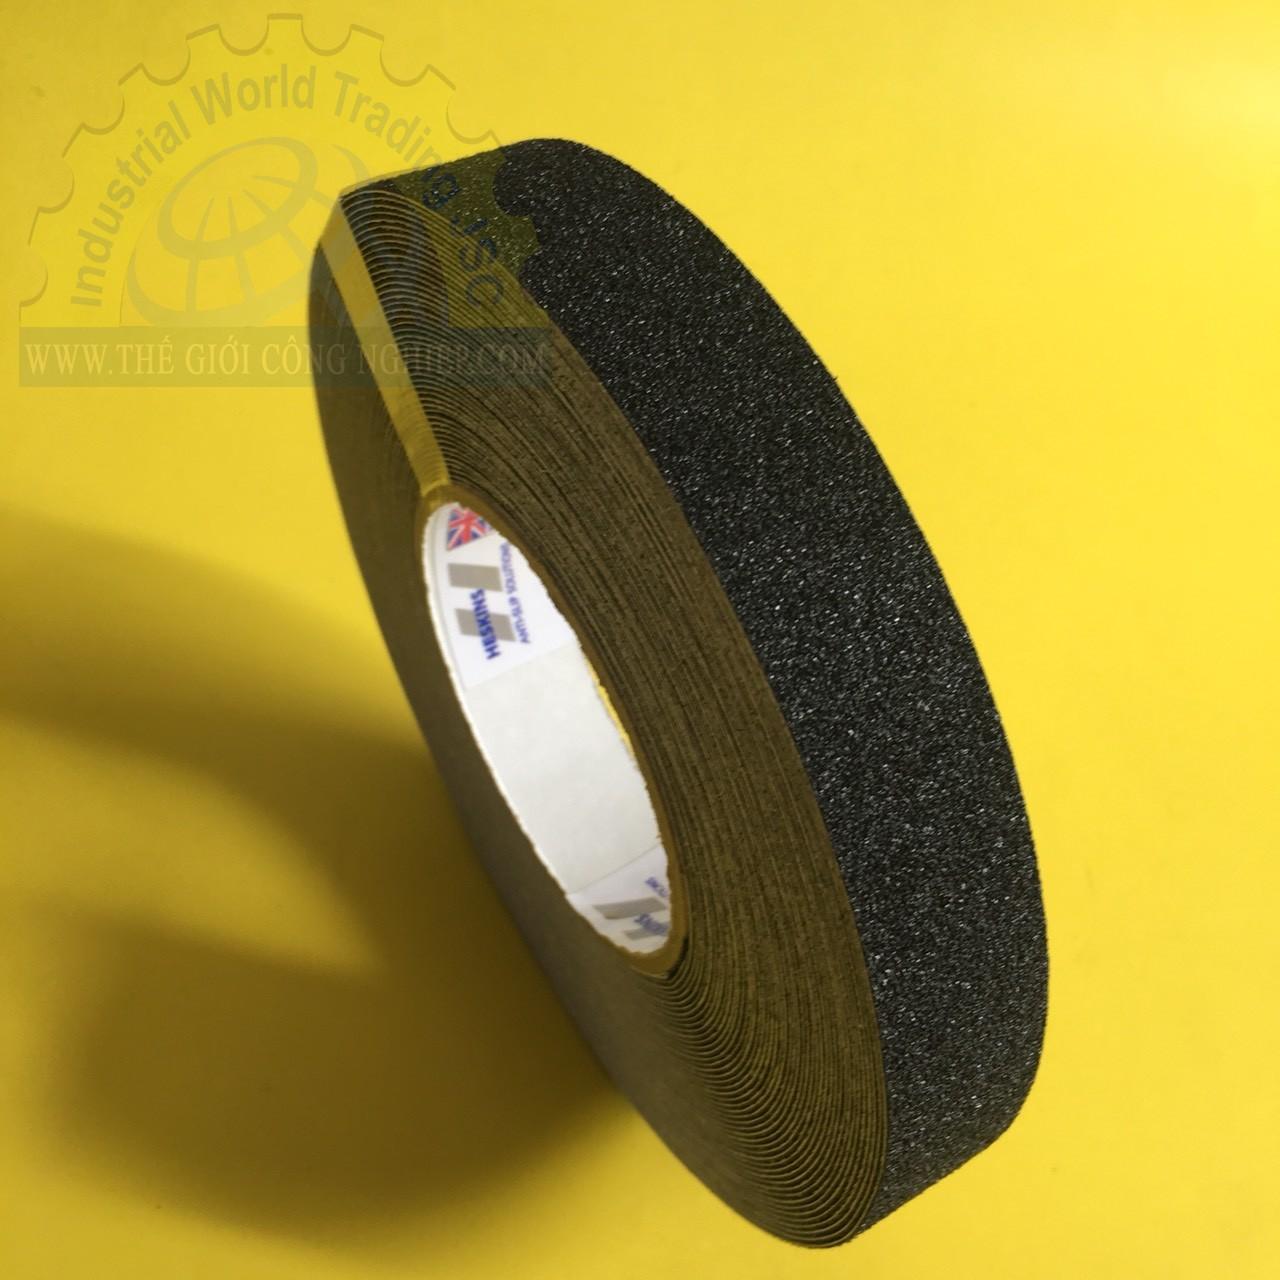 Băng keo nhám chống trượt màu đen 25mmx 18.3m  TGCN-43505 HESKINS